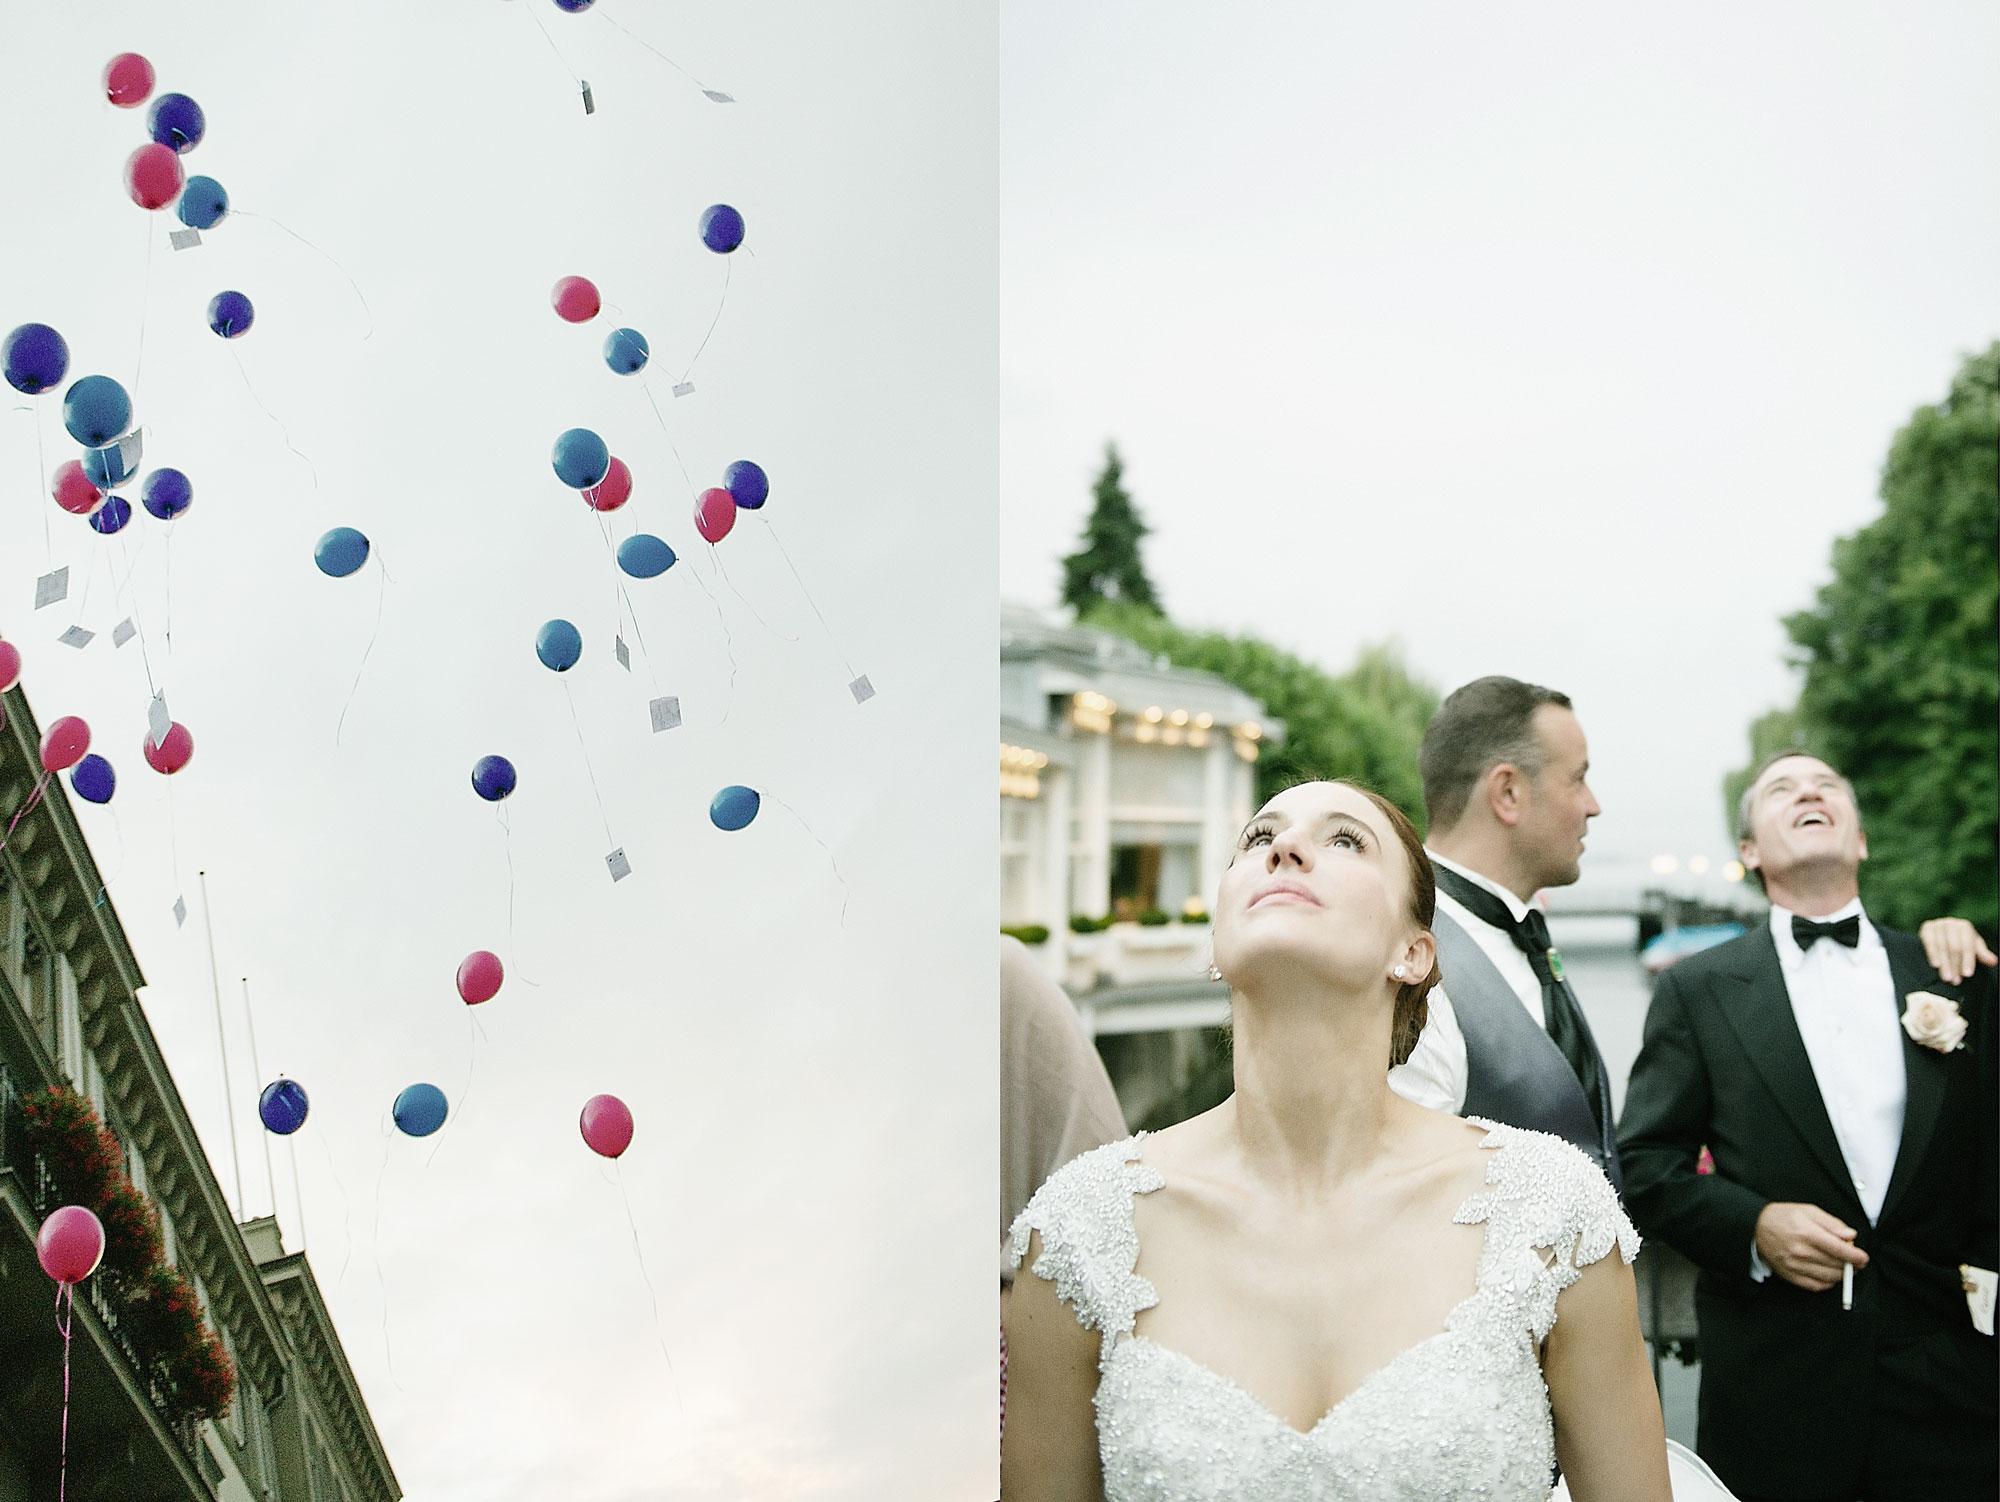 wedding-photography-zurich-1.jpg